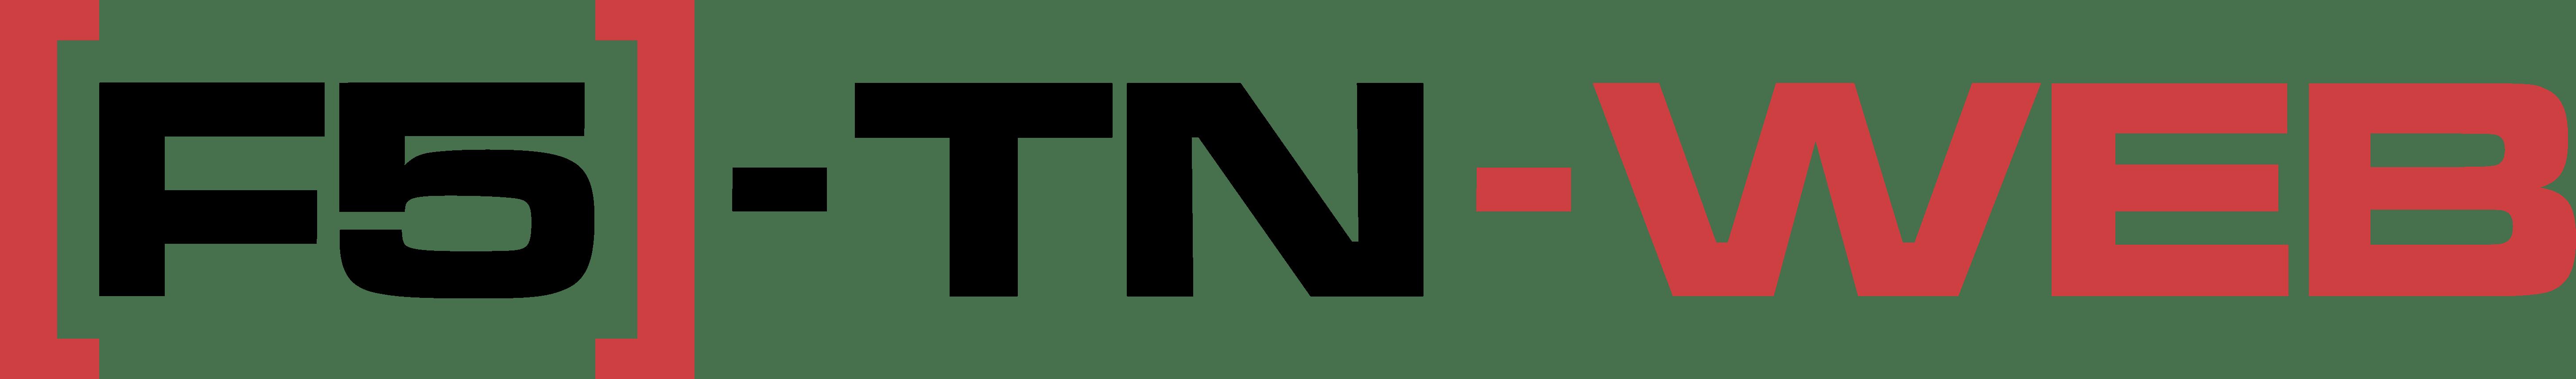 F5 TN-Web Zeiterfassungslogo